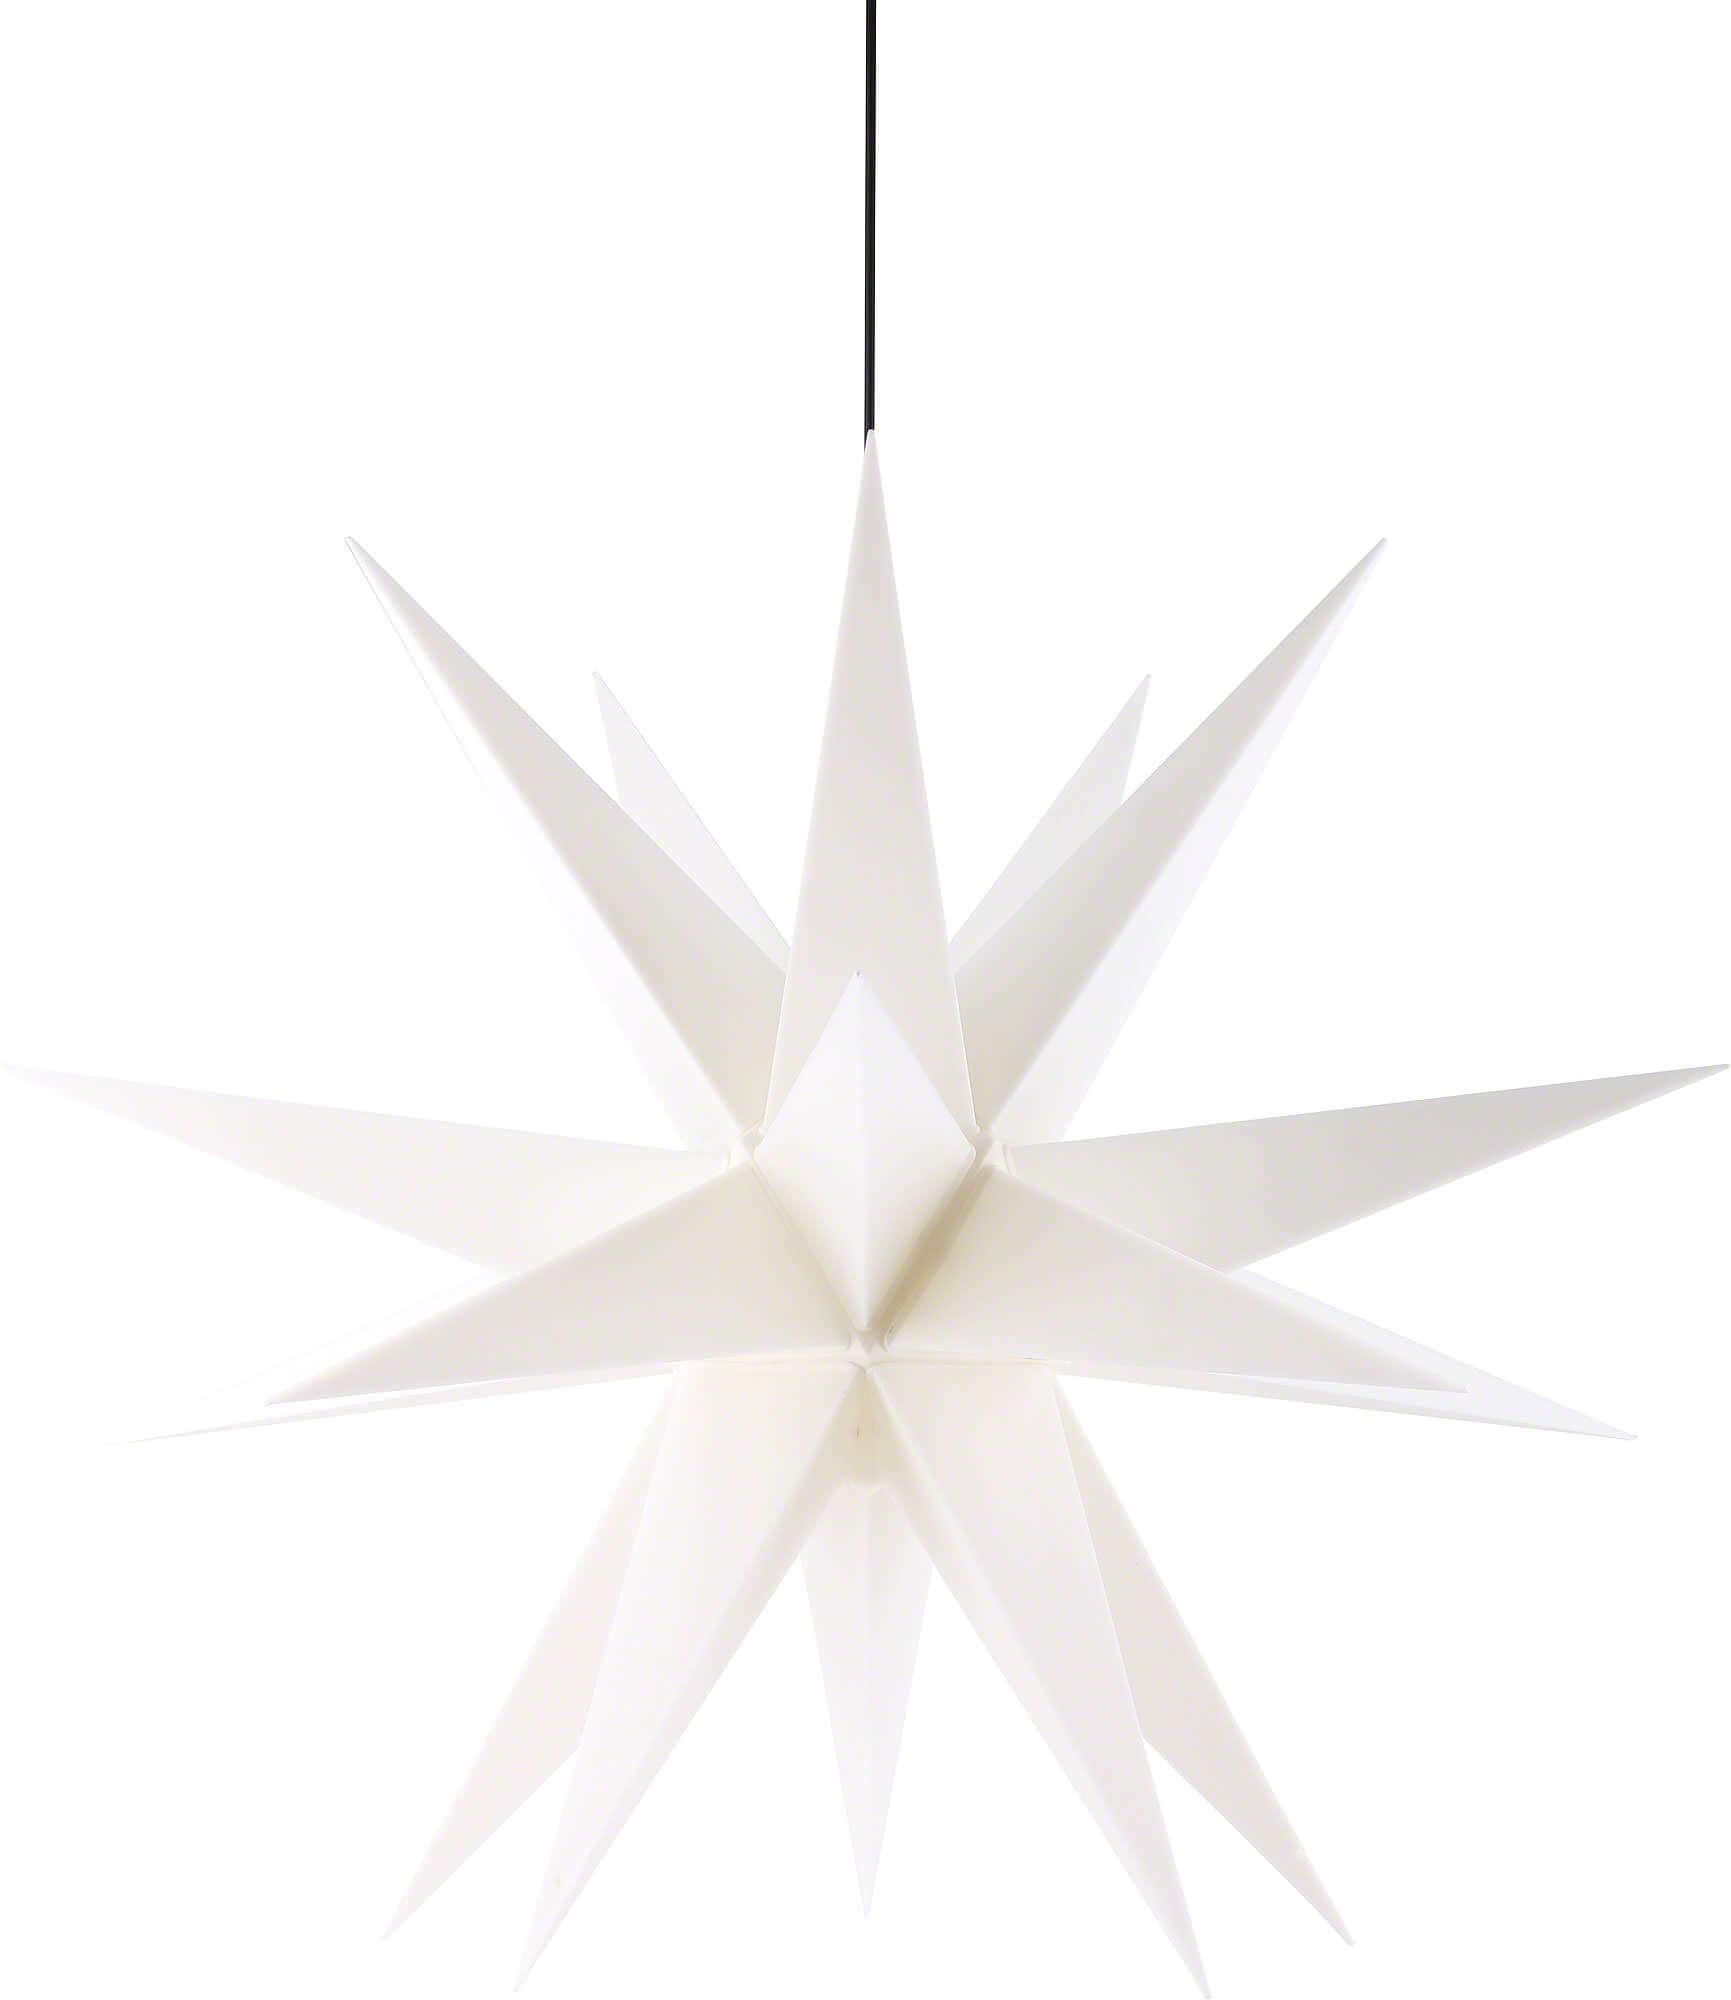 Saico WS2005 LED-Weihnachtsstern Ø 60cm weiß